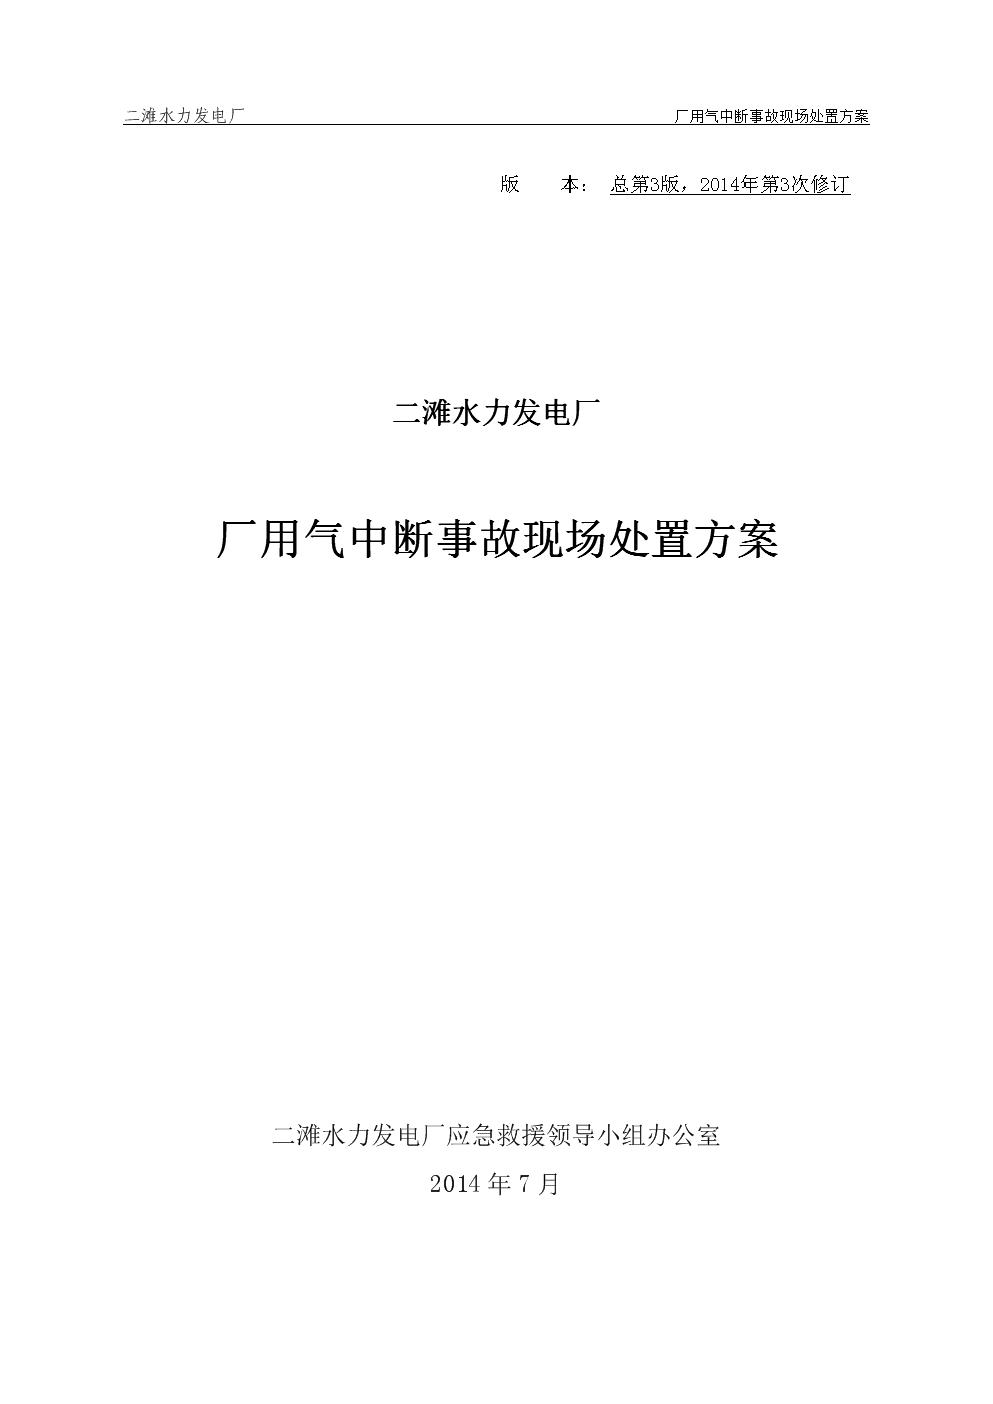 02-厂用气中断事故现场处置方案.doc